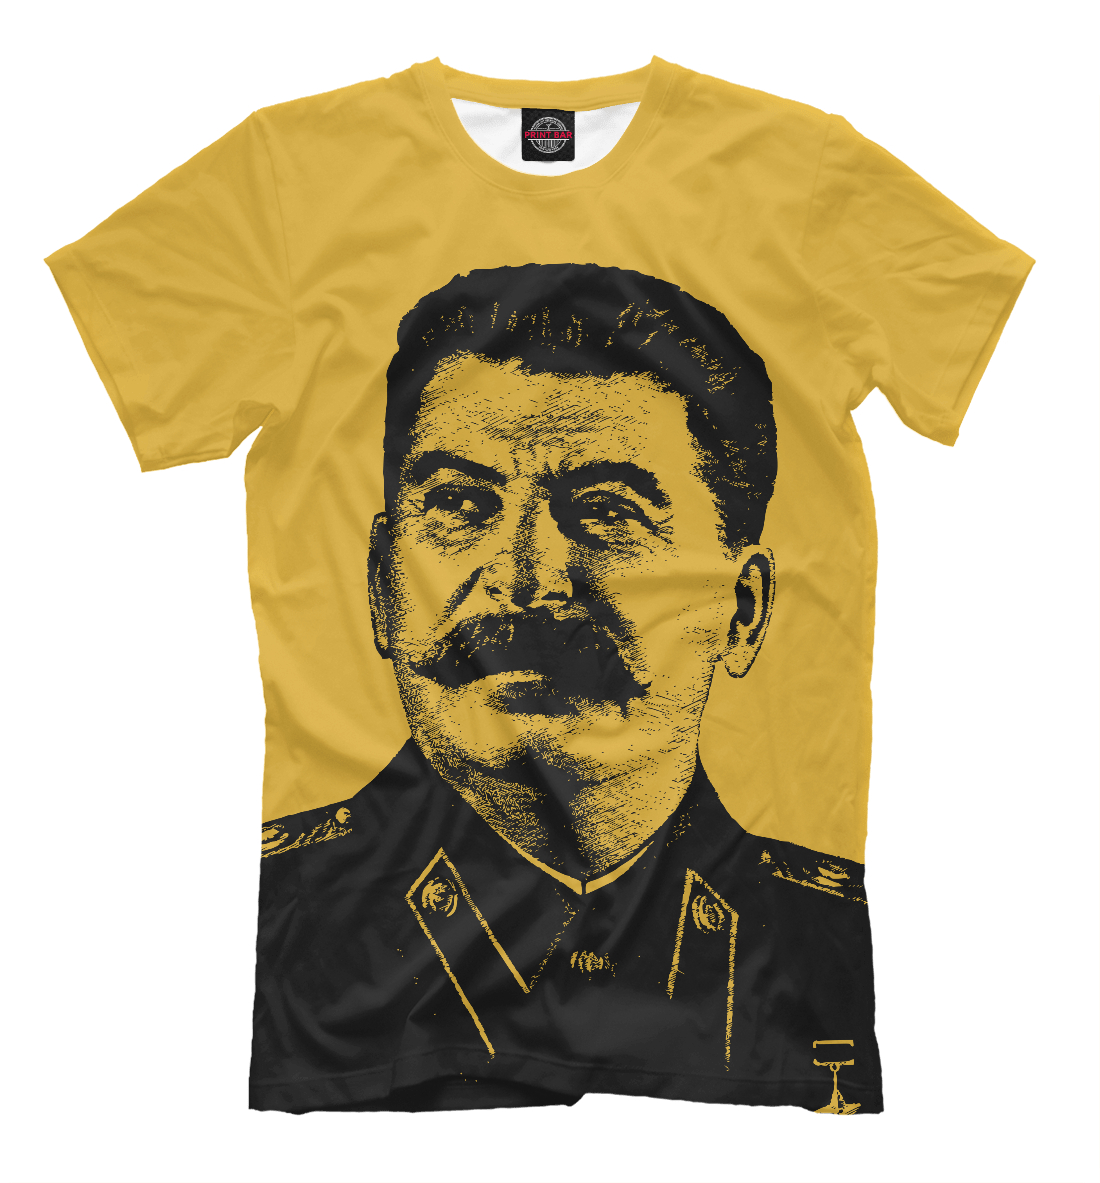 Купить Сталин, Printbar, Футболки, SSS-117948-fut-2